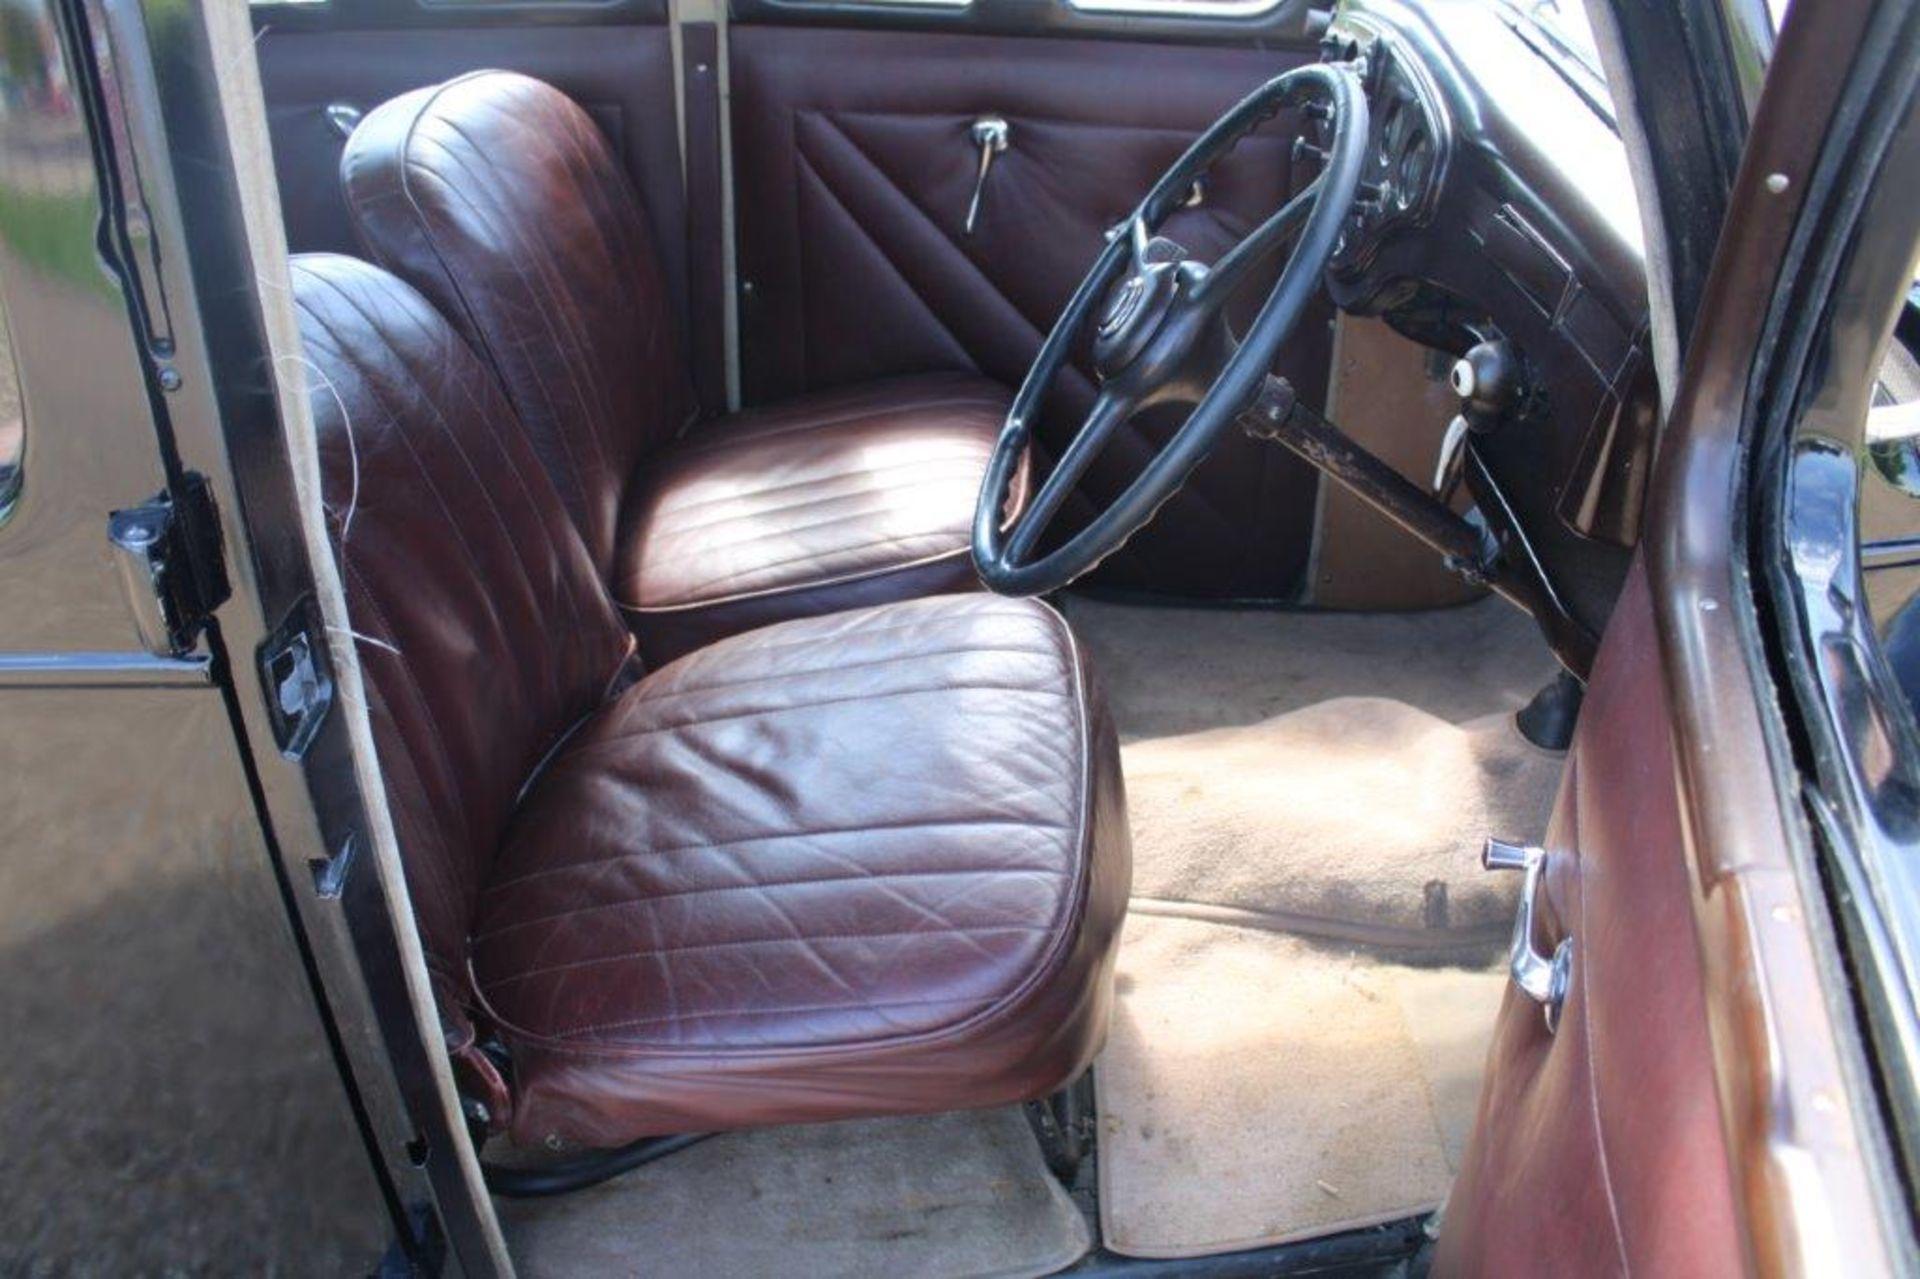 1946 Ford Prefect E93A - Image 13 of 30